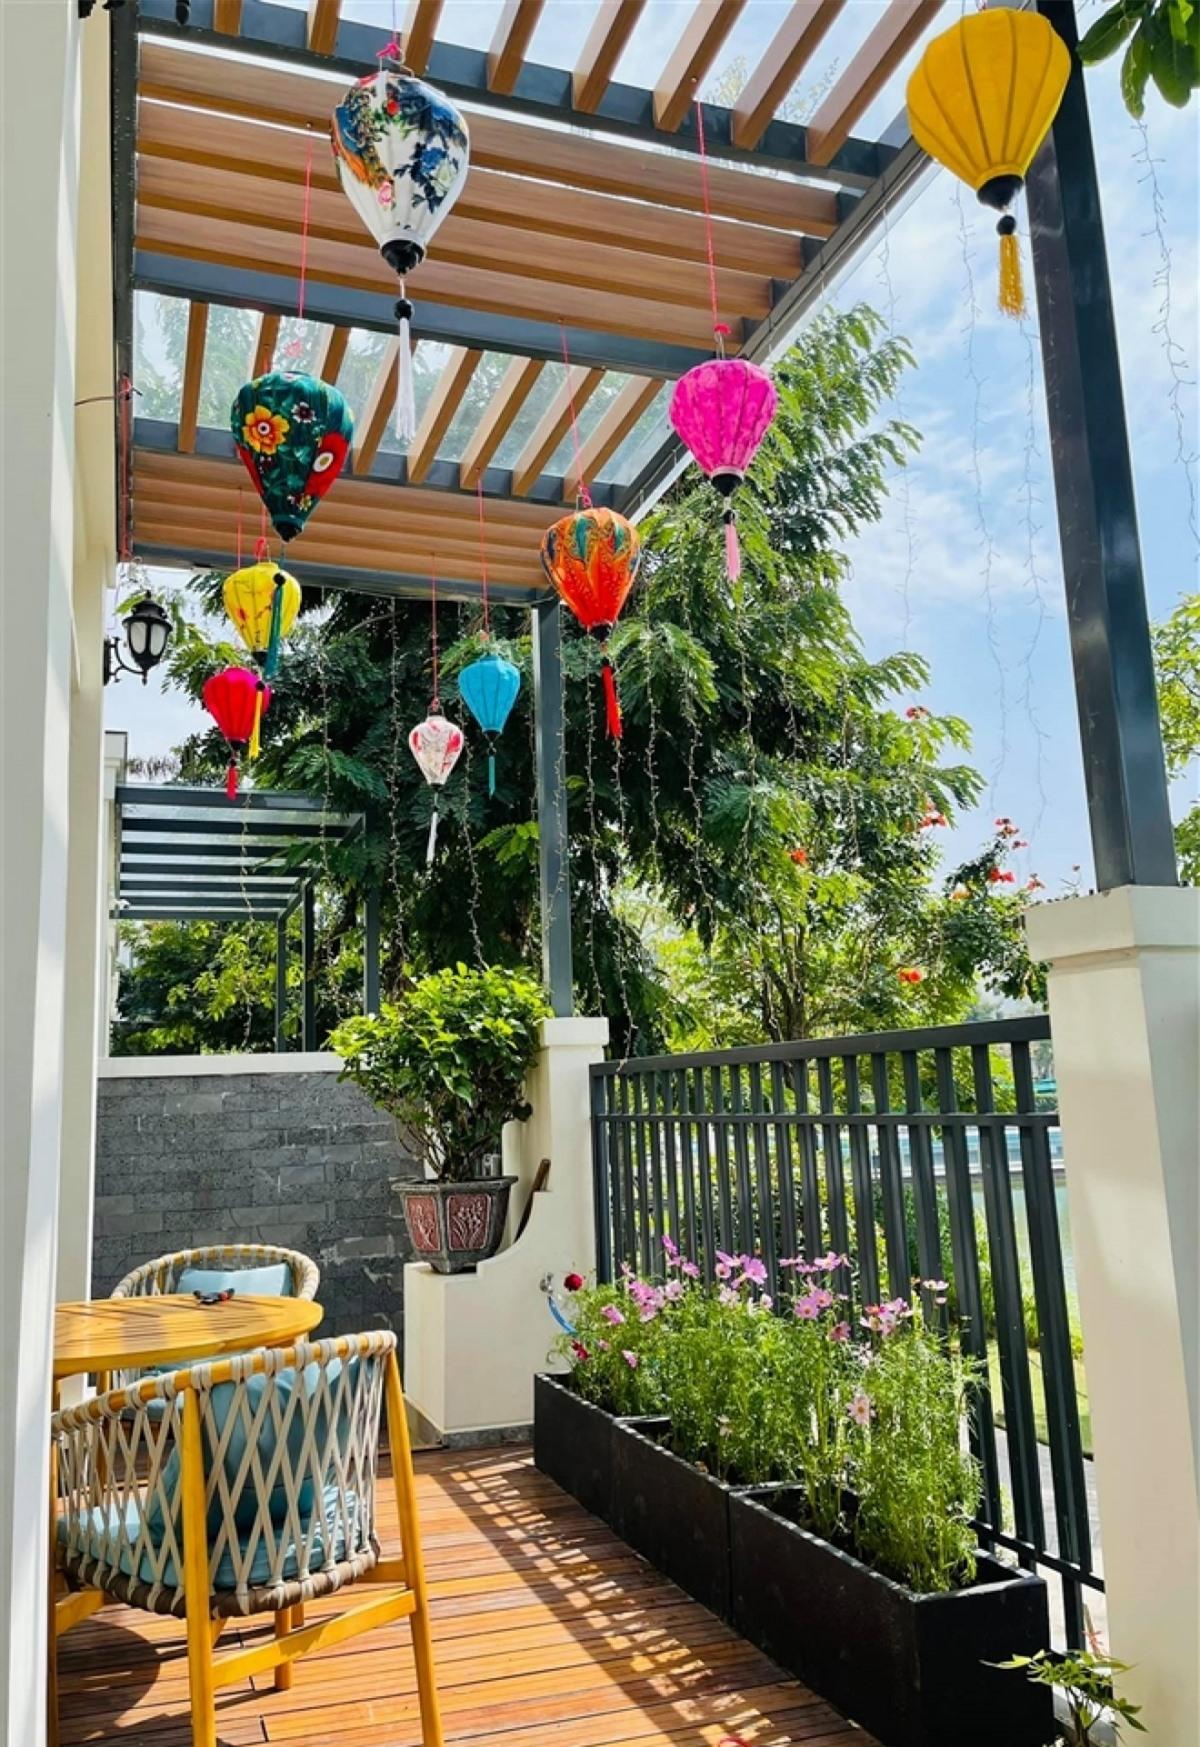 Vân Hugo rất yêu ngôi nhà này. Cô dành nhiều thời gian chăm chút cho căn biệt thự, trang hoàng nhà cửa và nấu ăn. Trong ảnh là khu ban công đầy hoa và nắng, một góc đẹp trong nhà của nàng MC.